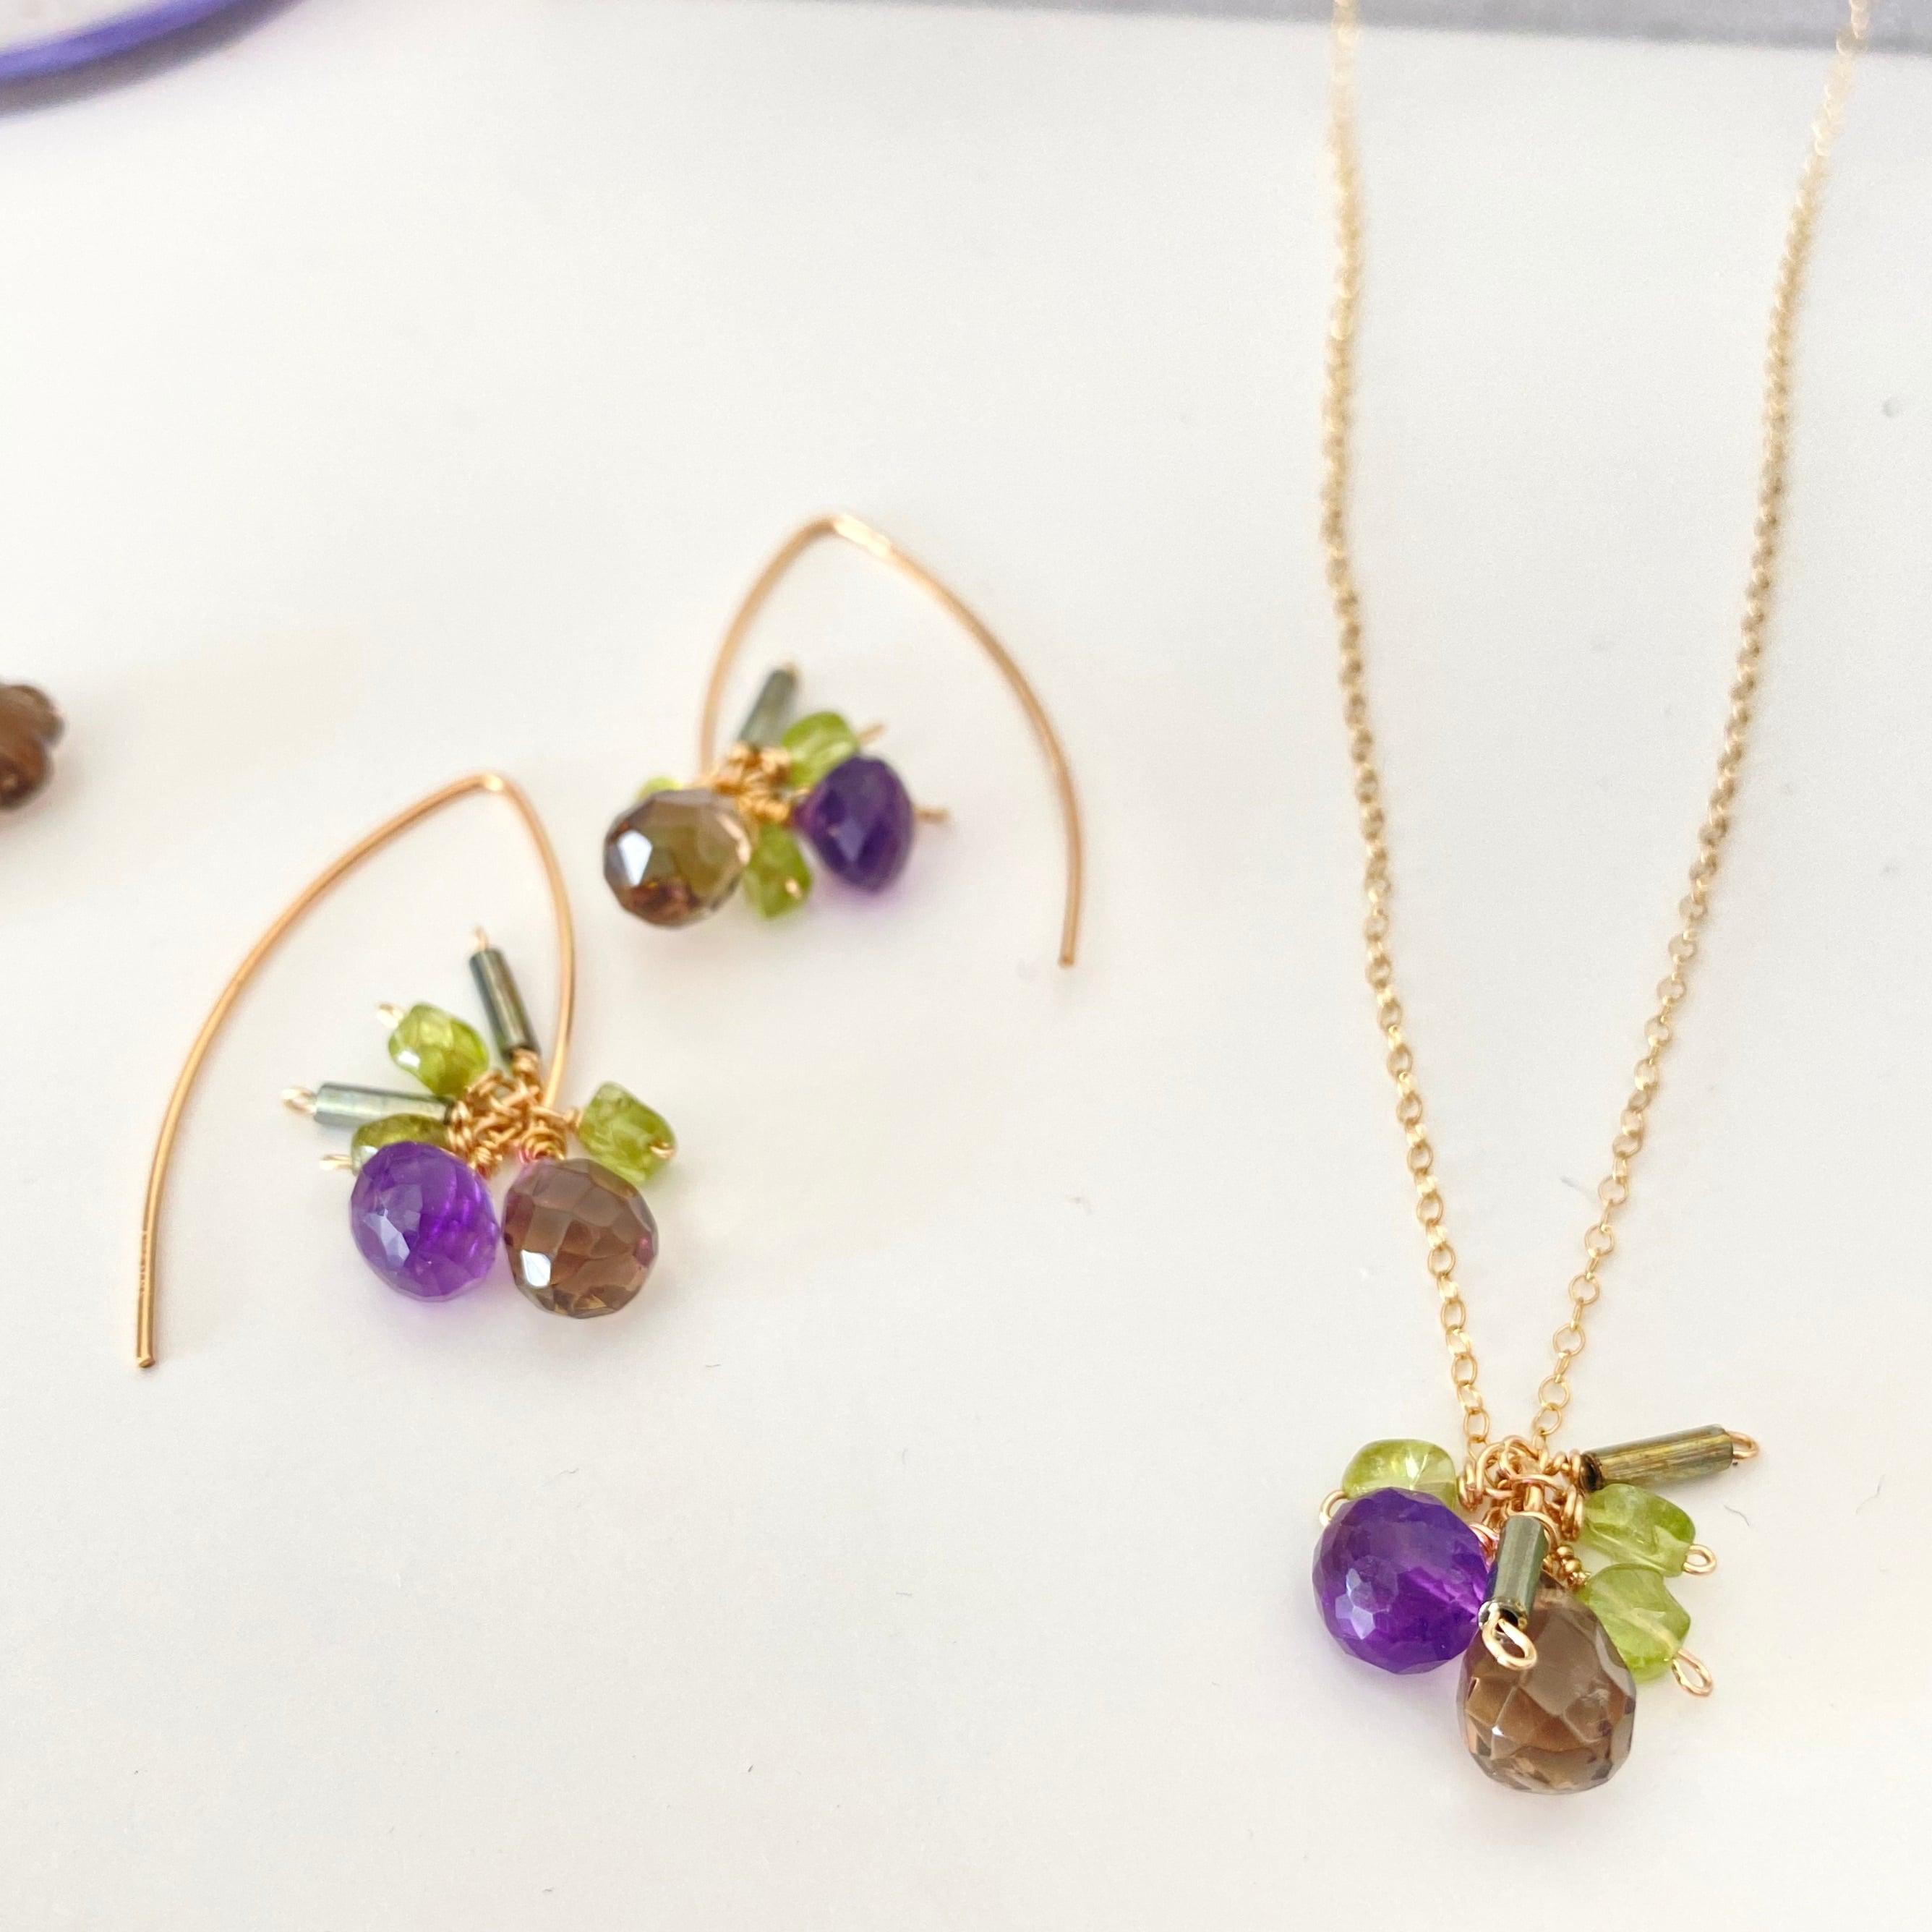 KAKALI necklace